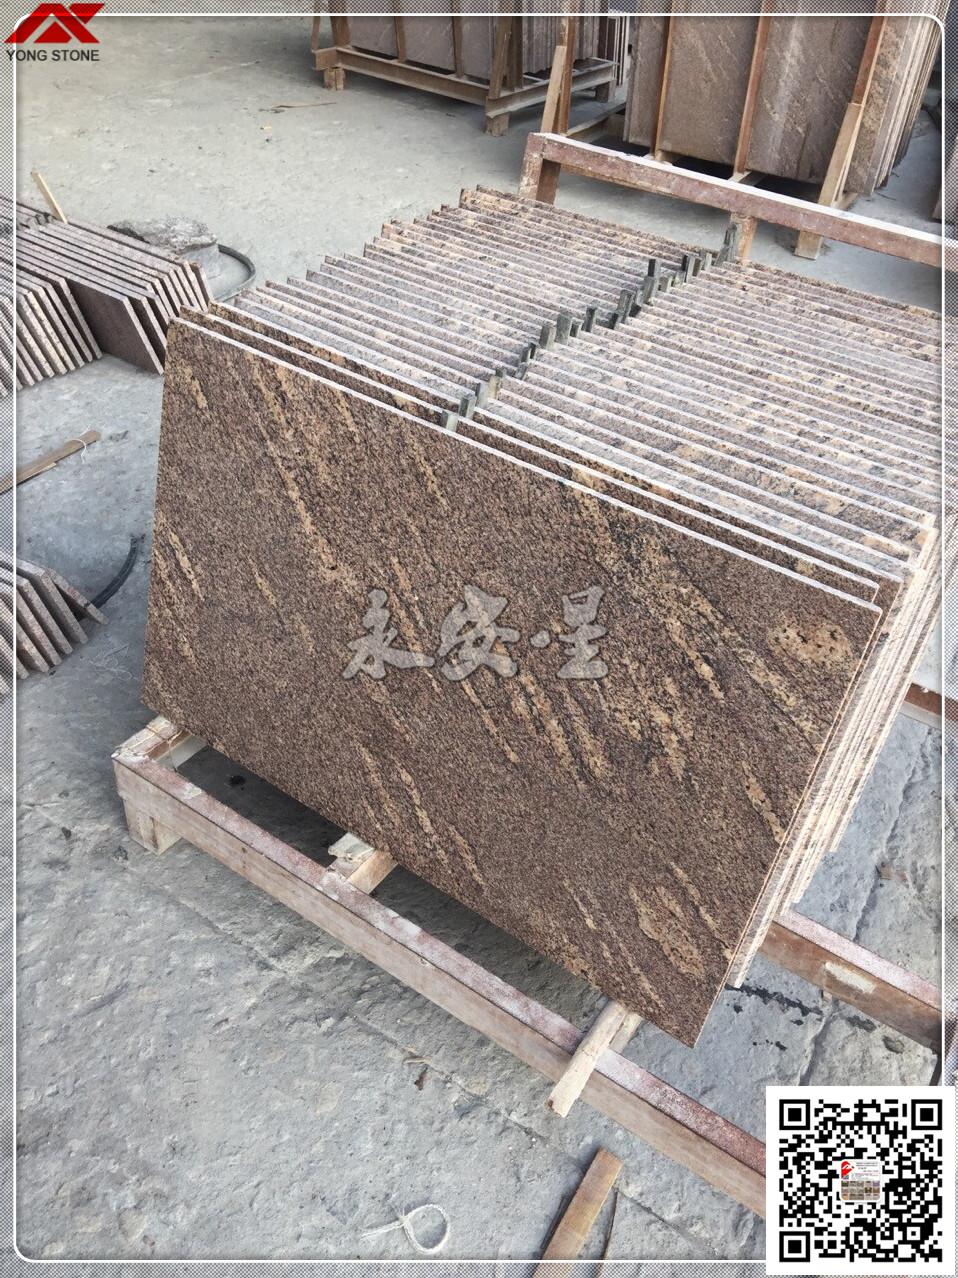 加州金麻石材